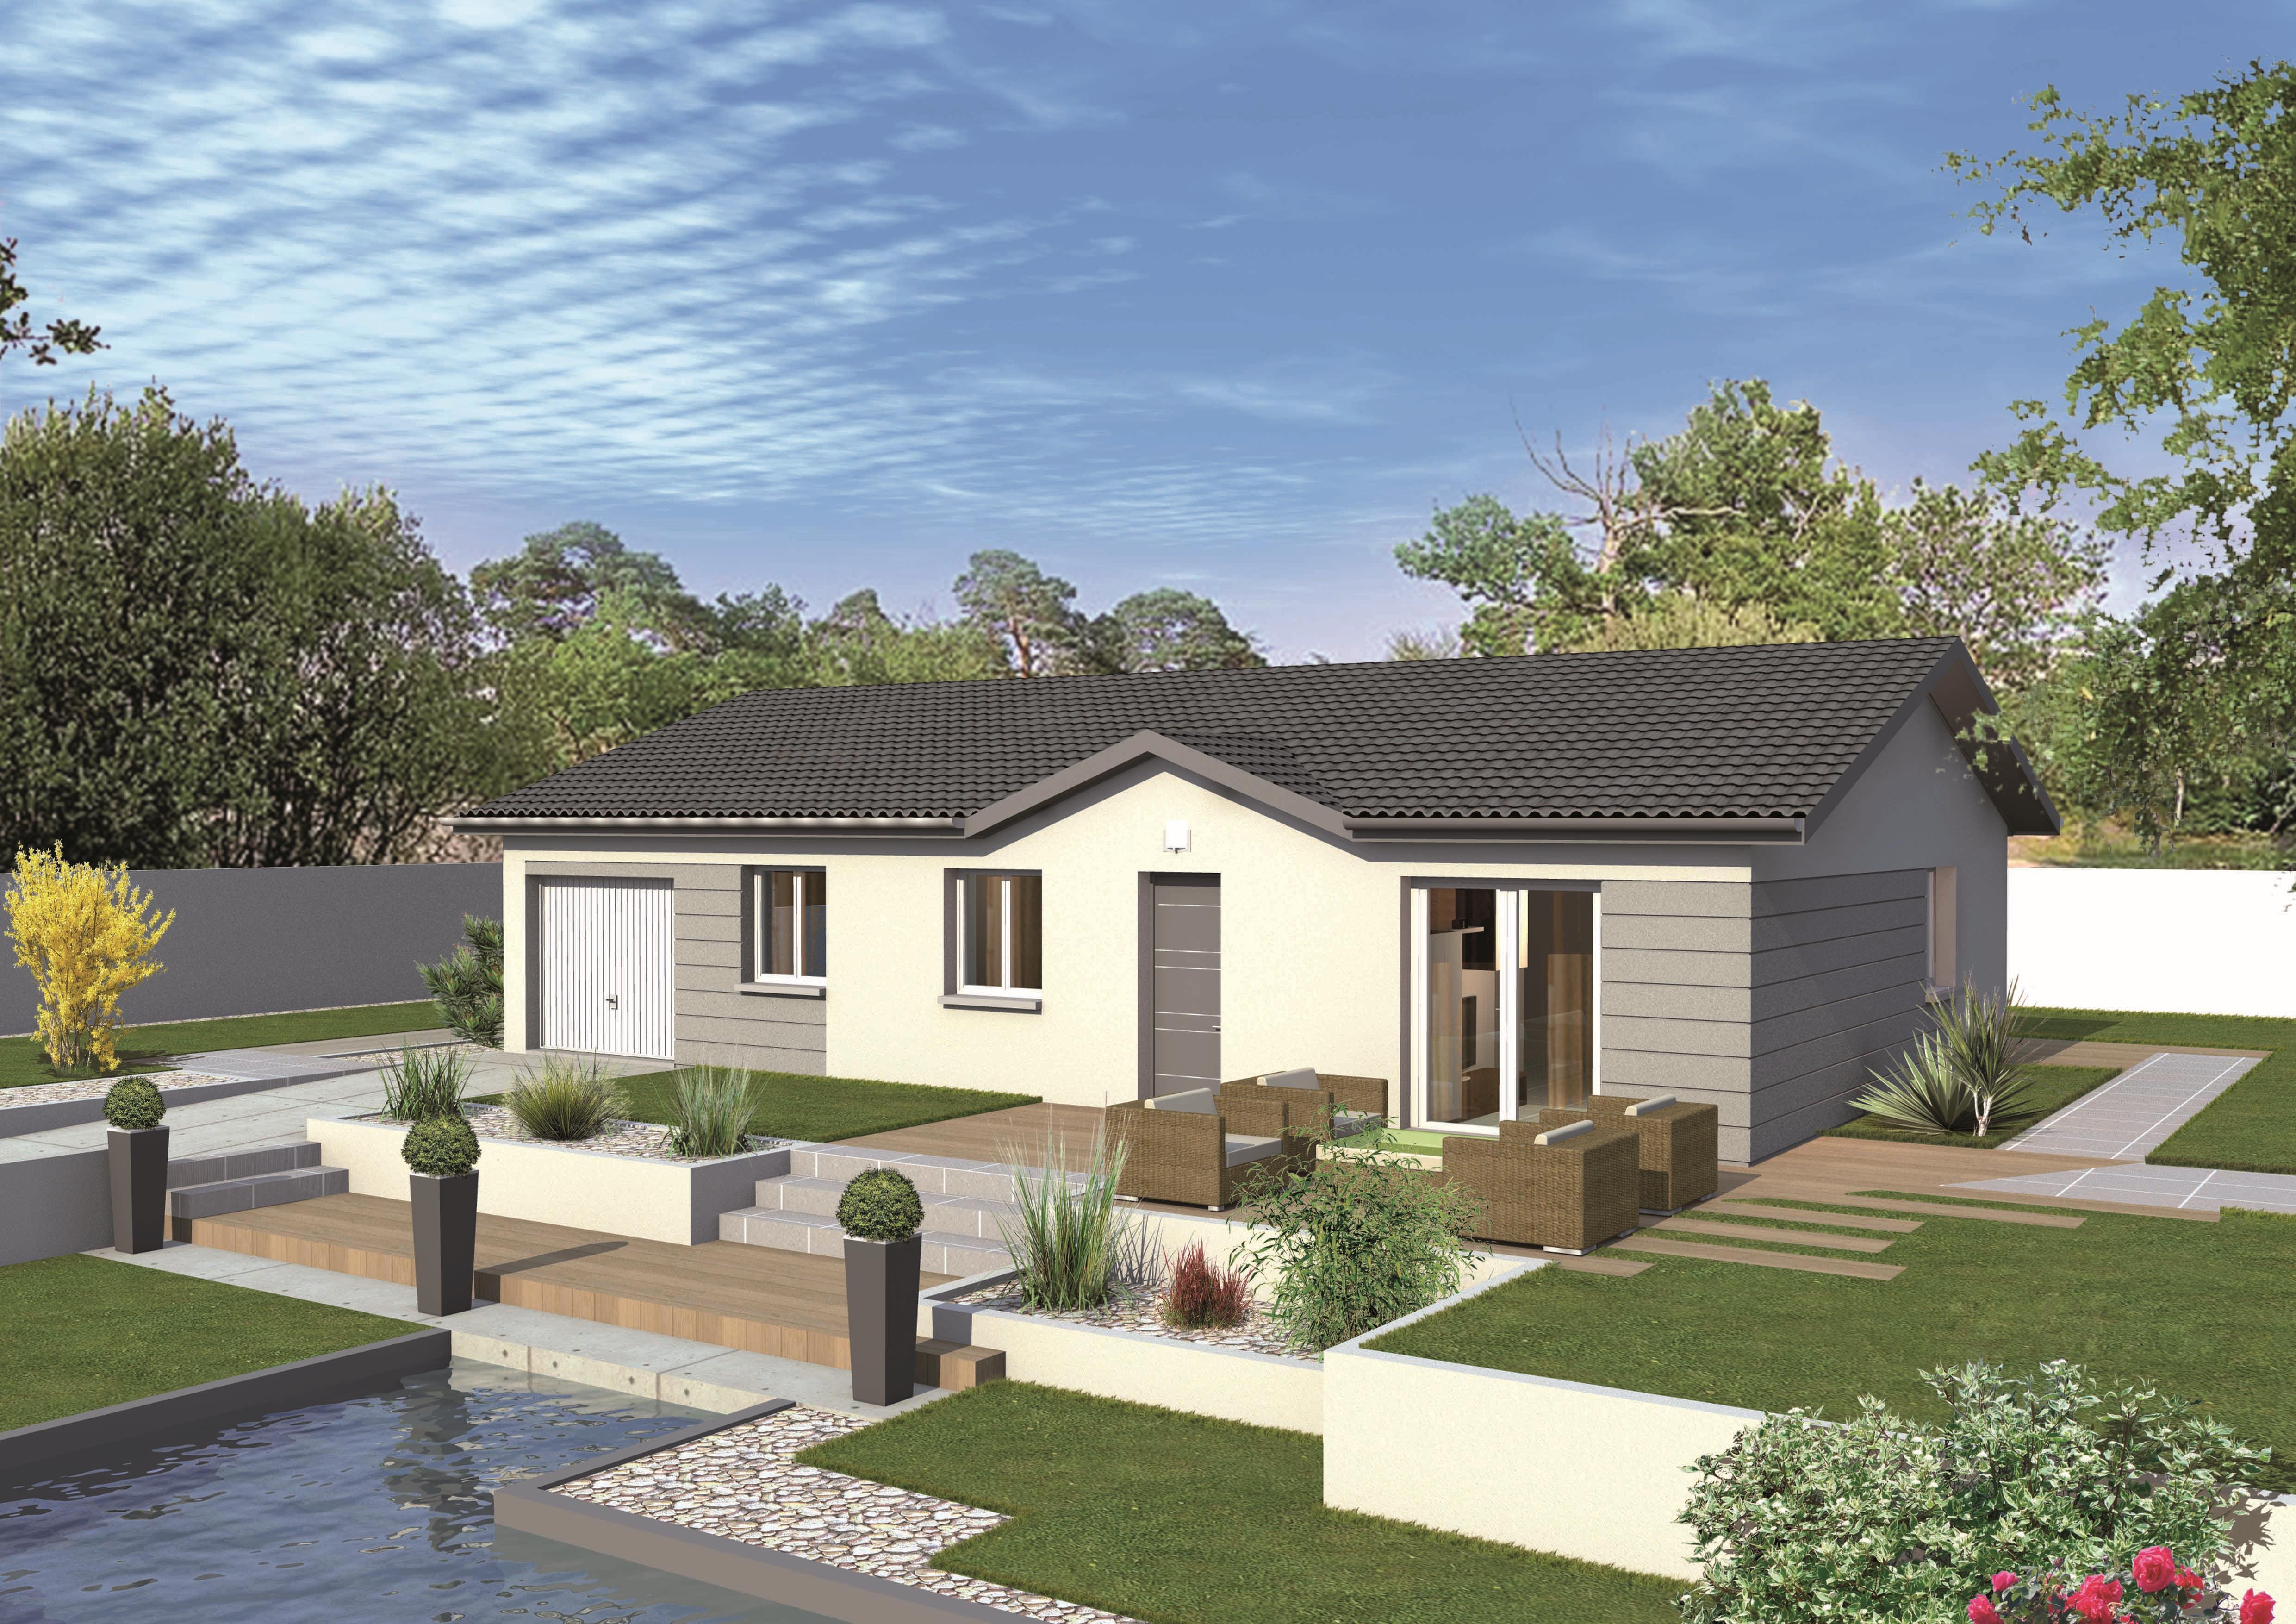 Maisons + Terrains du constructeur MAISONS PUNCH BOURGOIN • 78 m² • SALAGNON